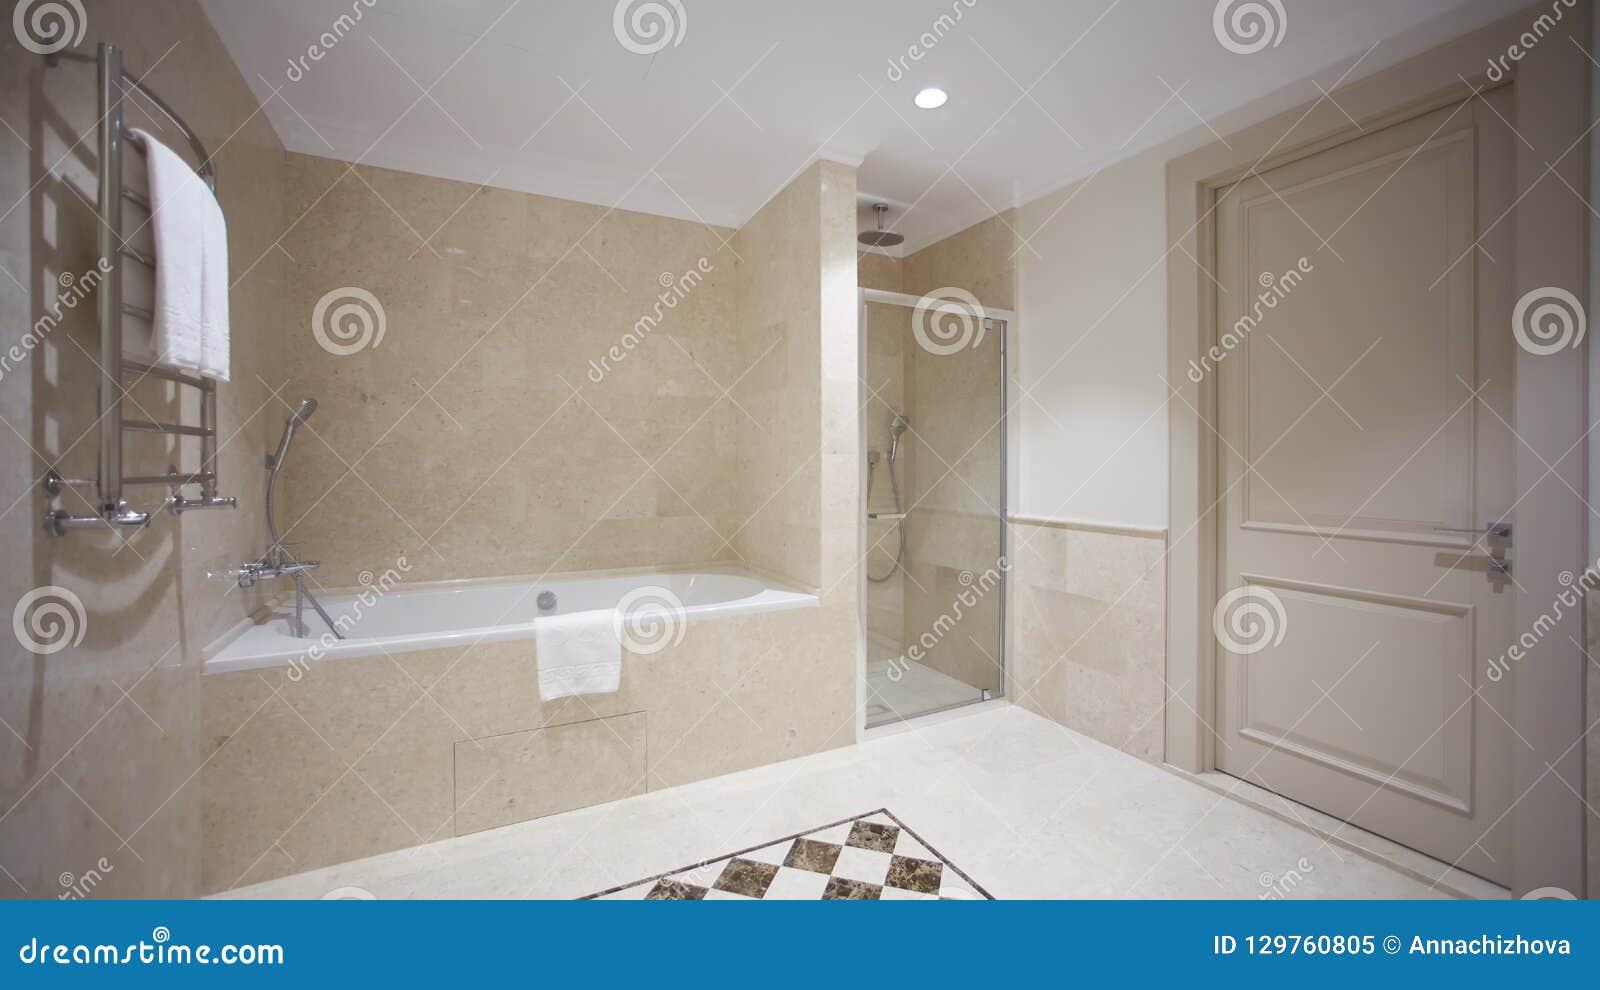 Salle De Bains Gentille Dans Un Style Moderne Avec Les Murs ...